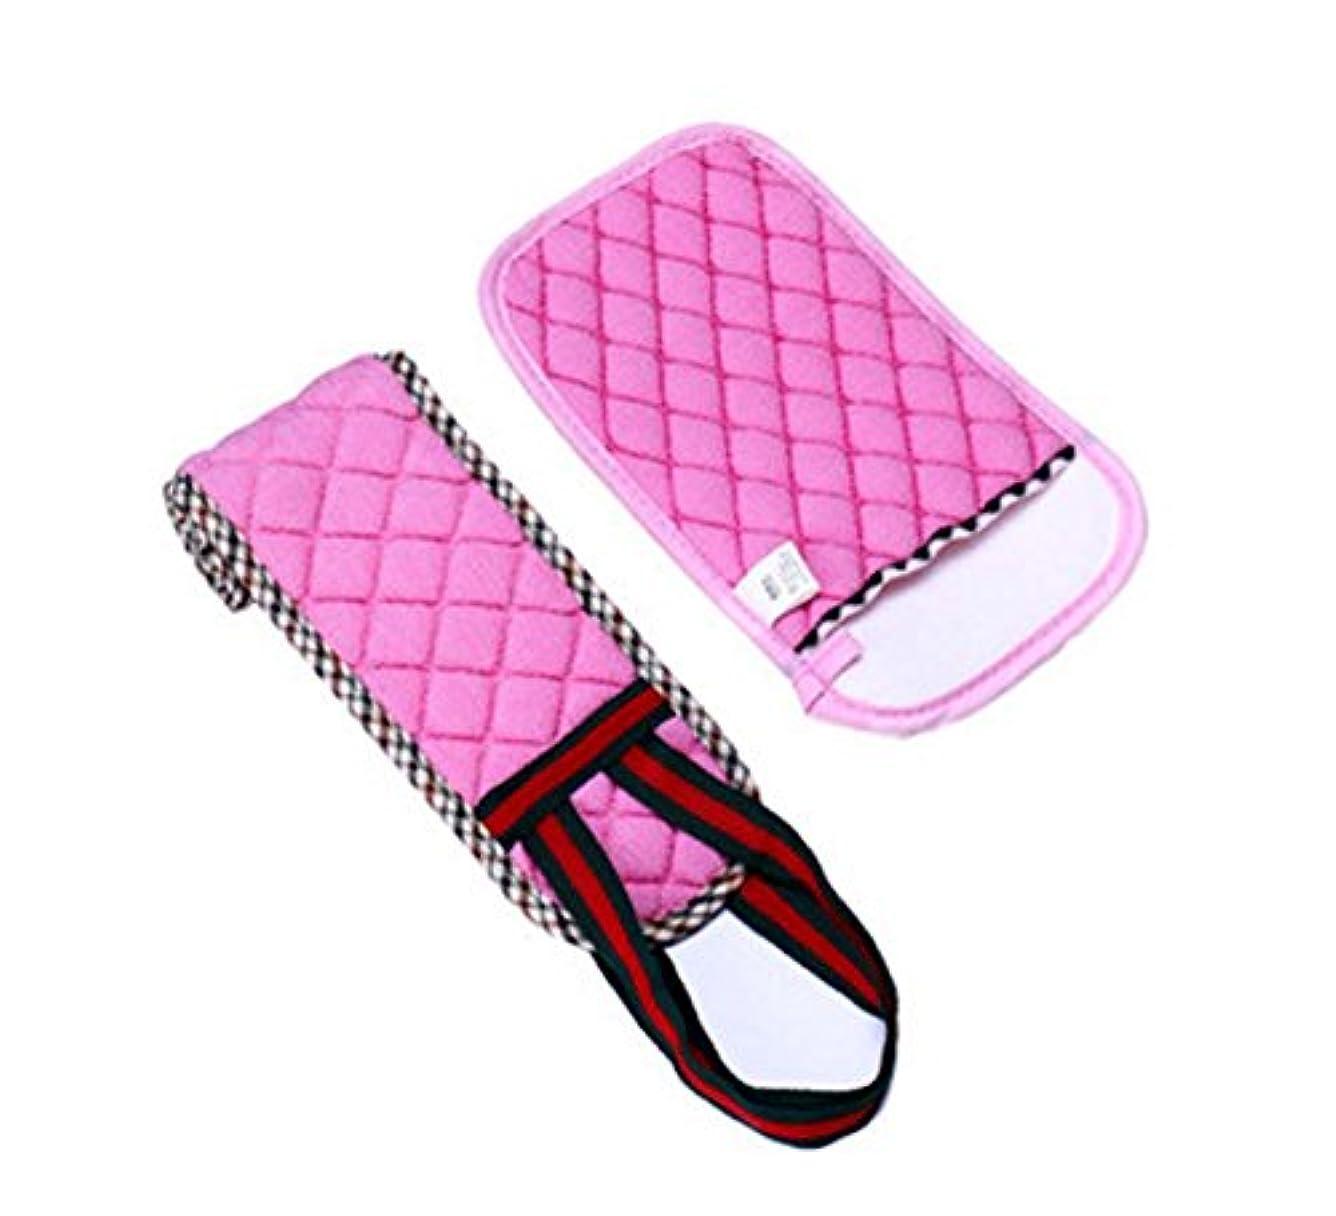 売る思い出しなければならない2プルバックロングバスタオル/ラブマッドアダルト手袋セット、ピンク